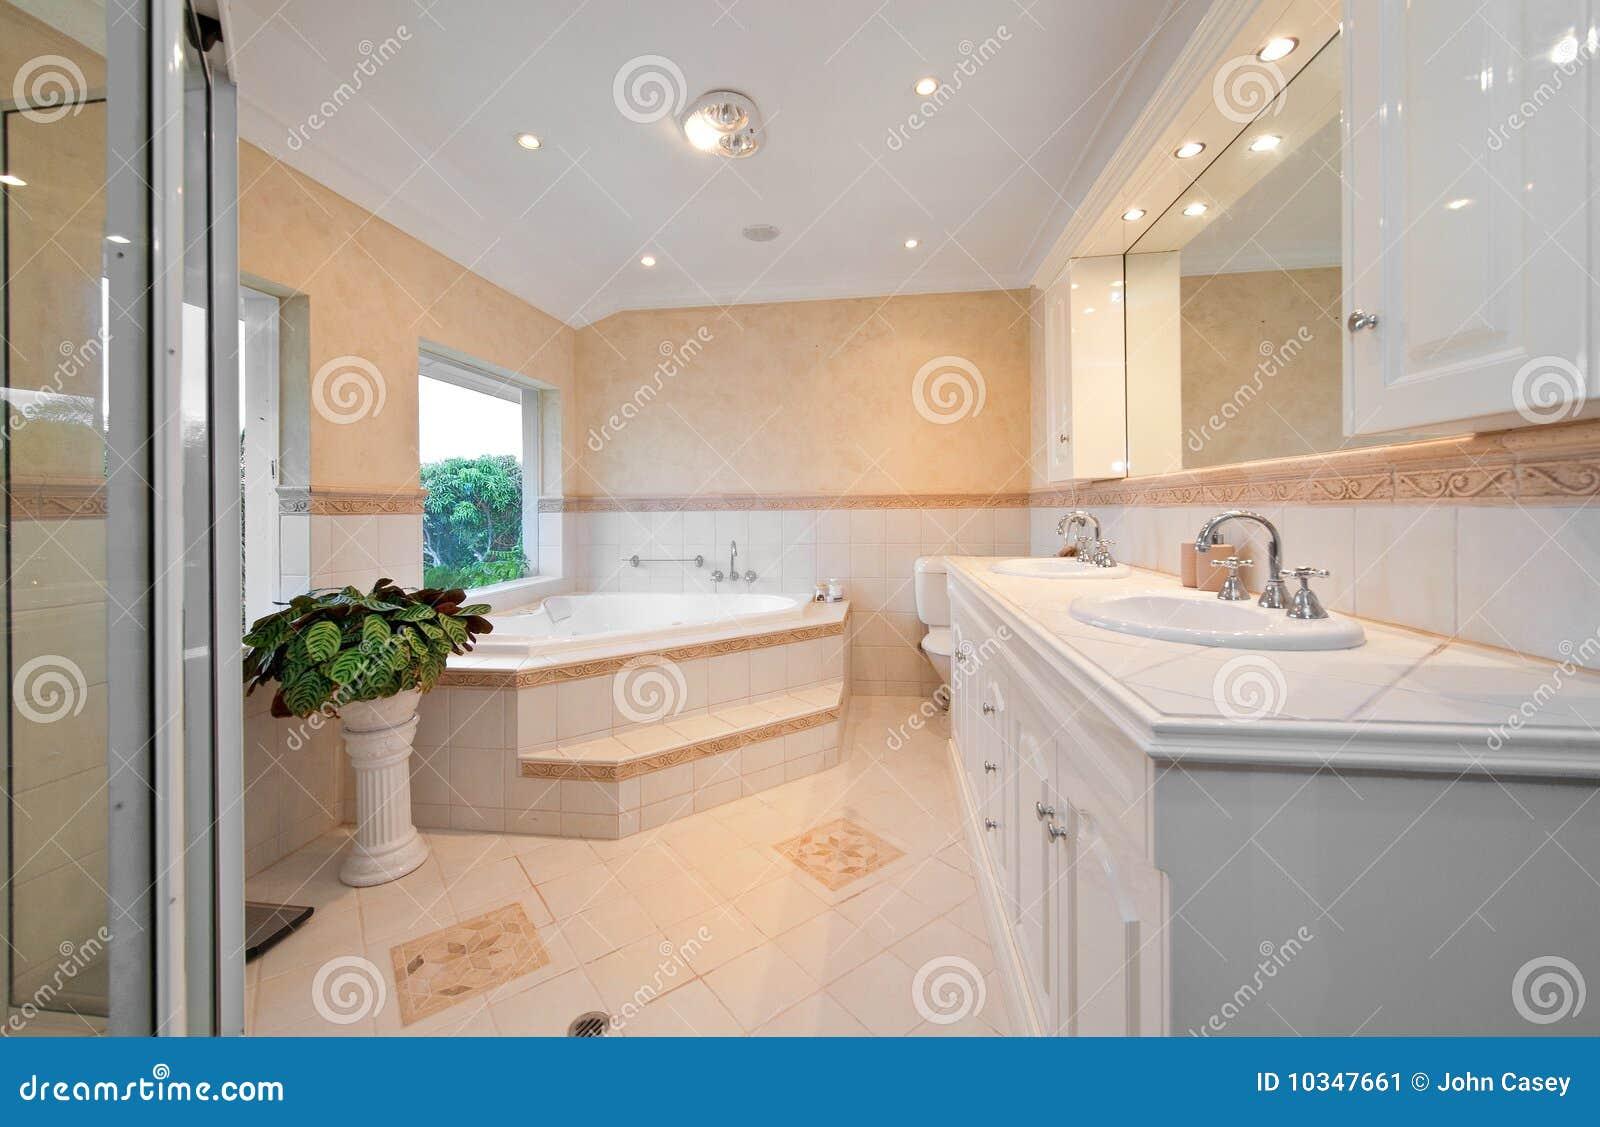 Banheiro Com Sauna Imagem de Stock Imagem: 10347661 #81A229 1300x933 Banheiro Com Banheira E Sauna